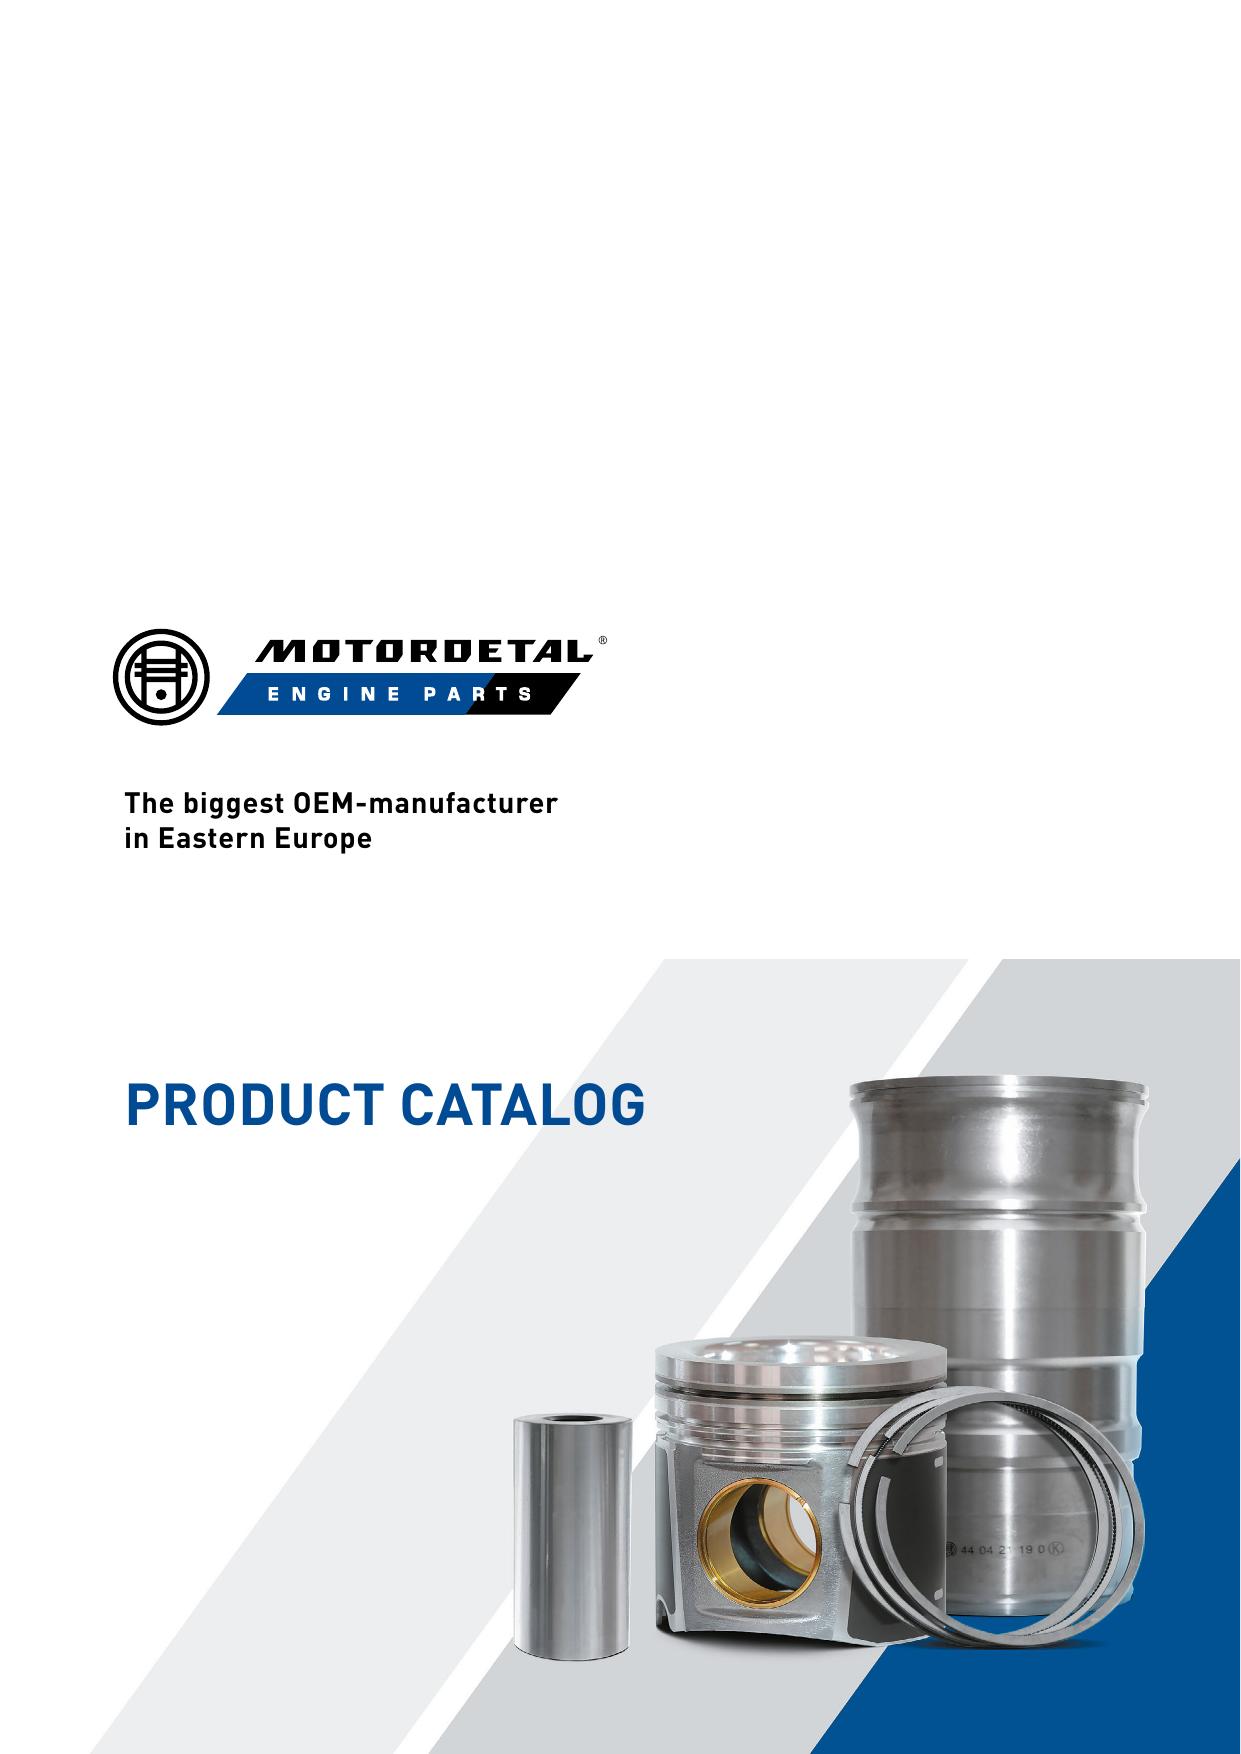 catalogue | manualzz com